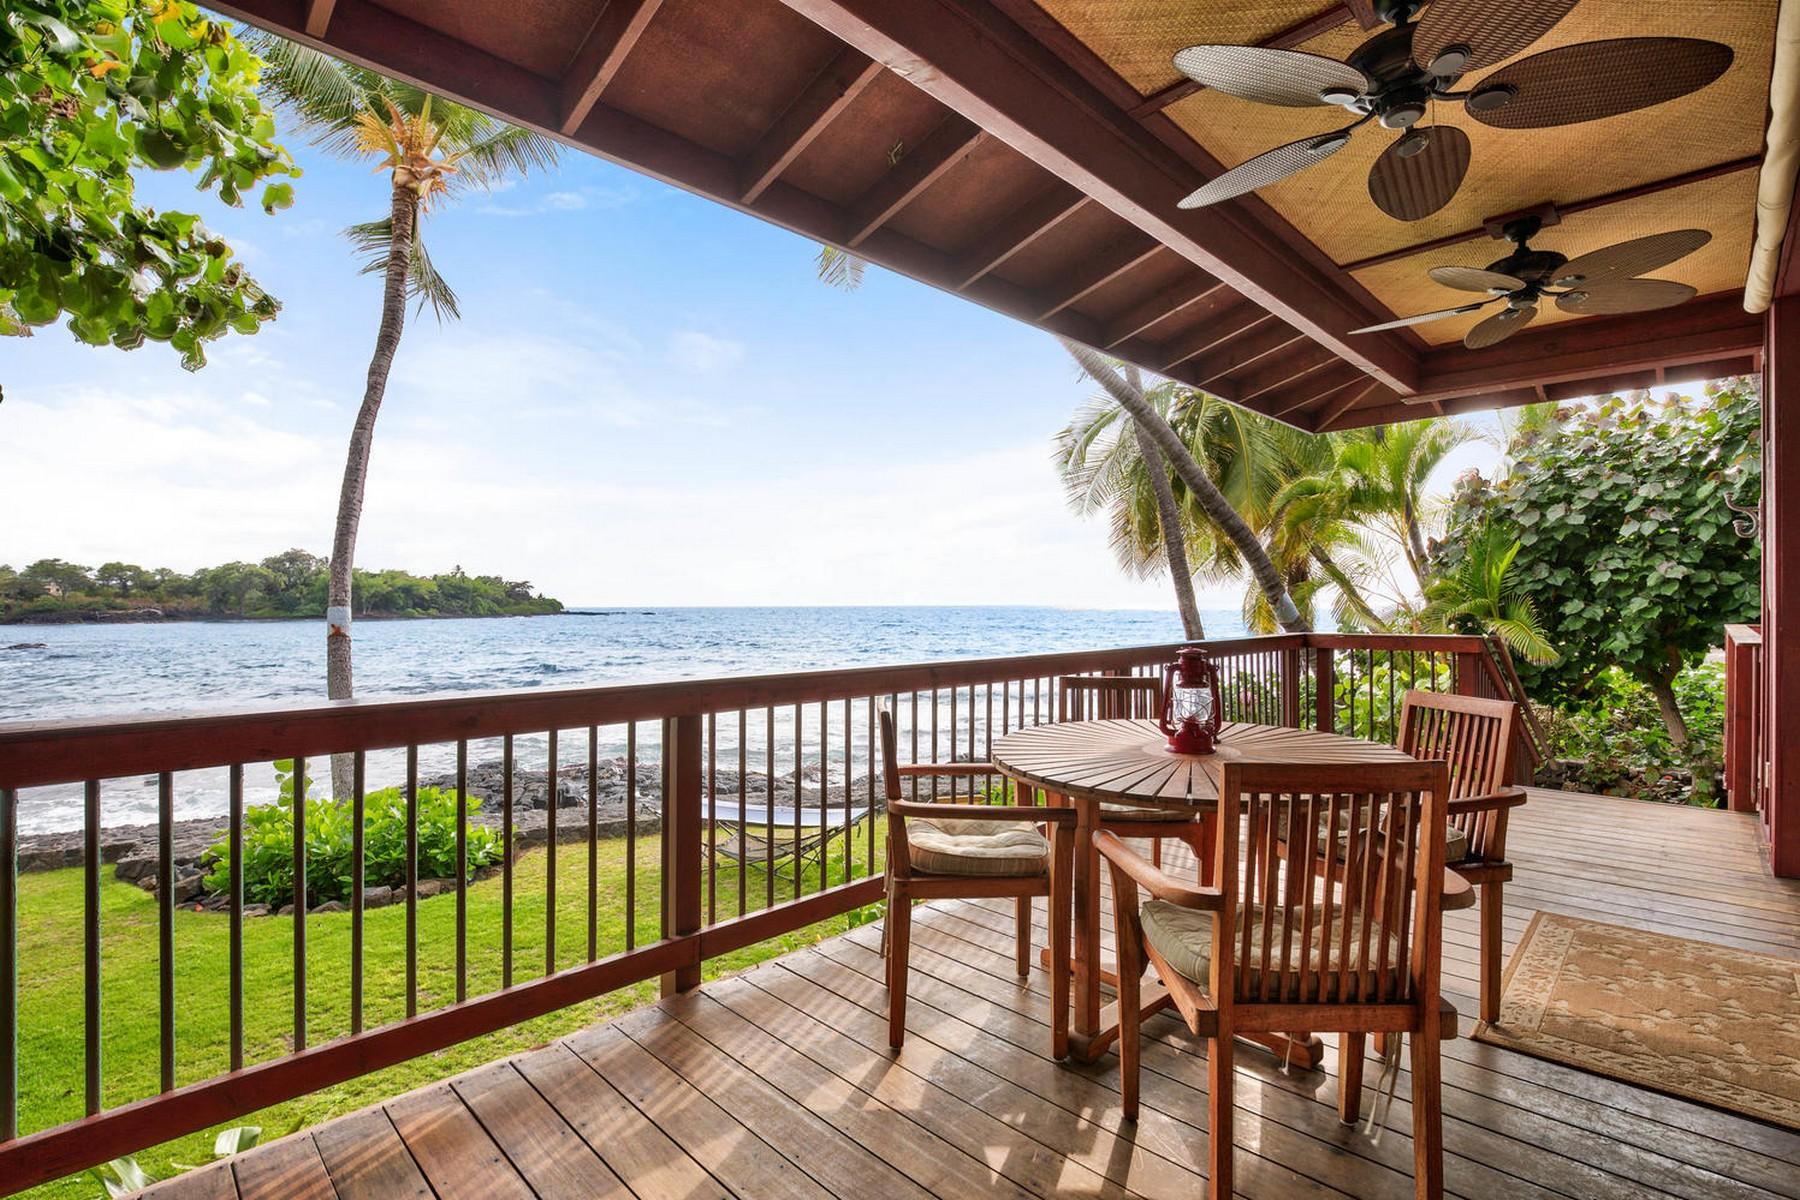 Proprietà in vendita Kailua-Kona